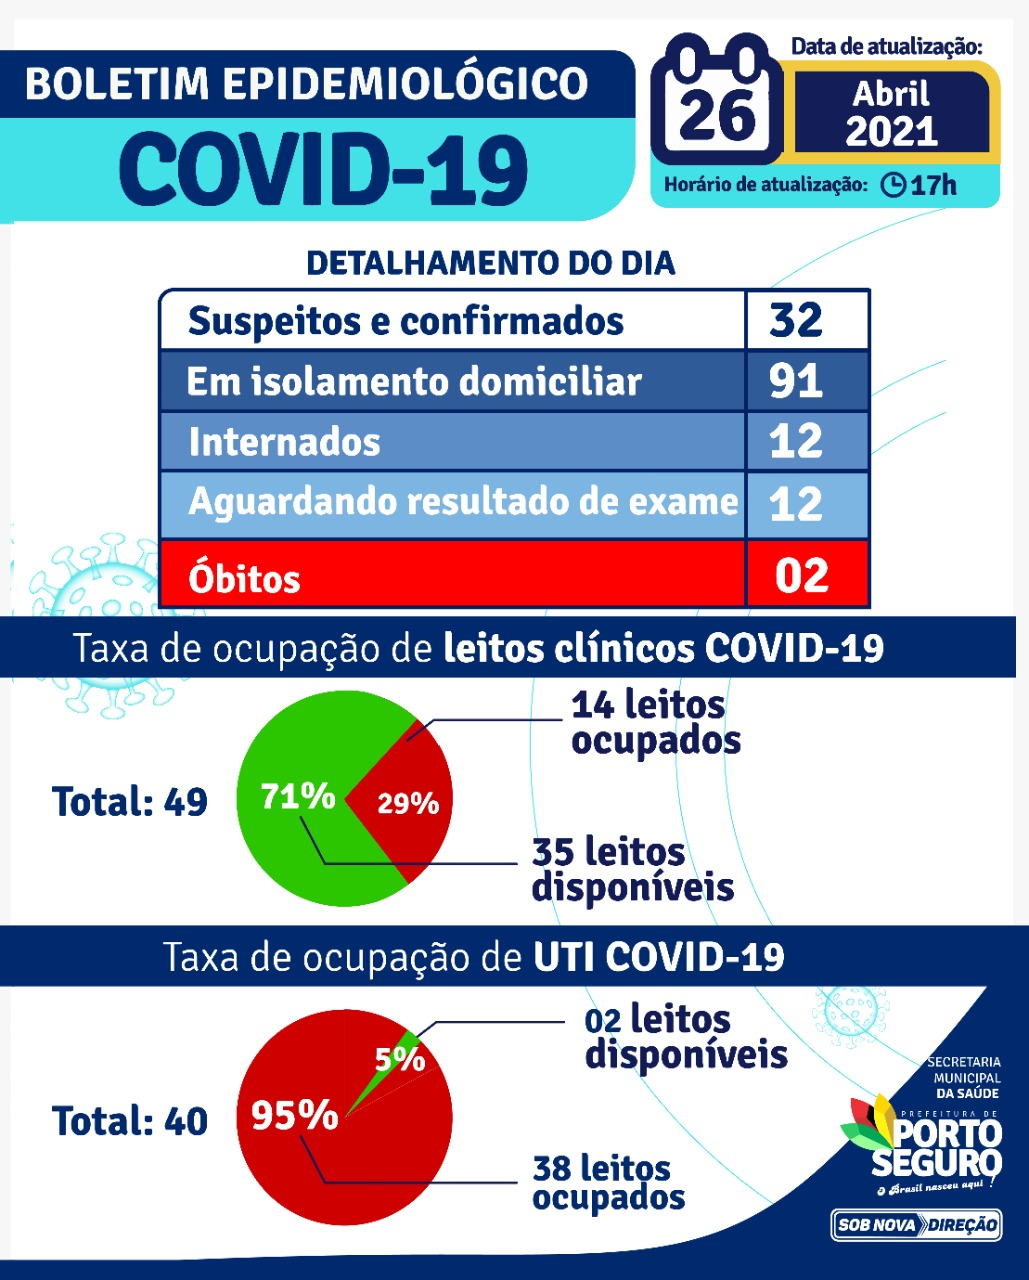 PORTO SEGURO: Boletim Coronavírus 26/04/2021 22